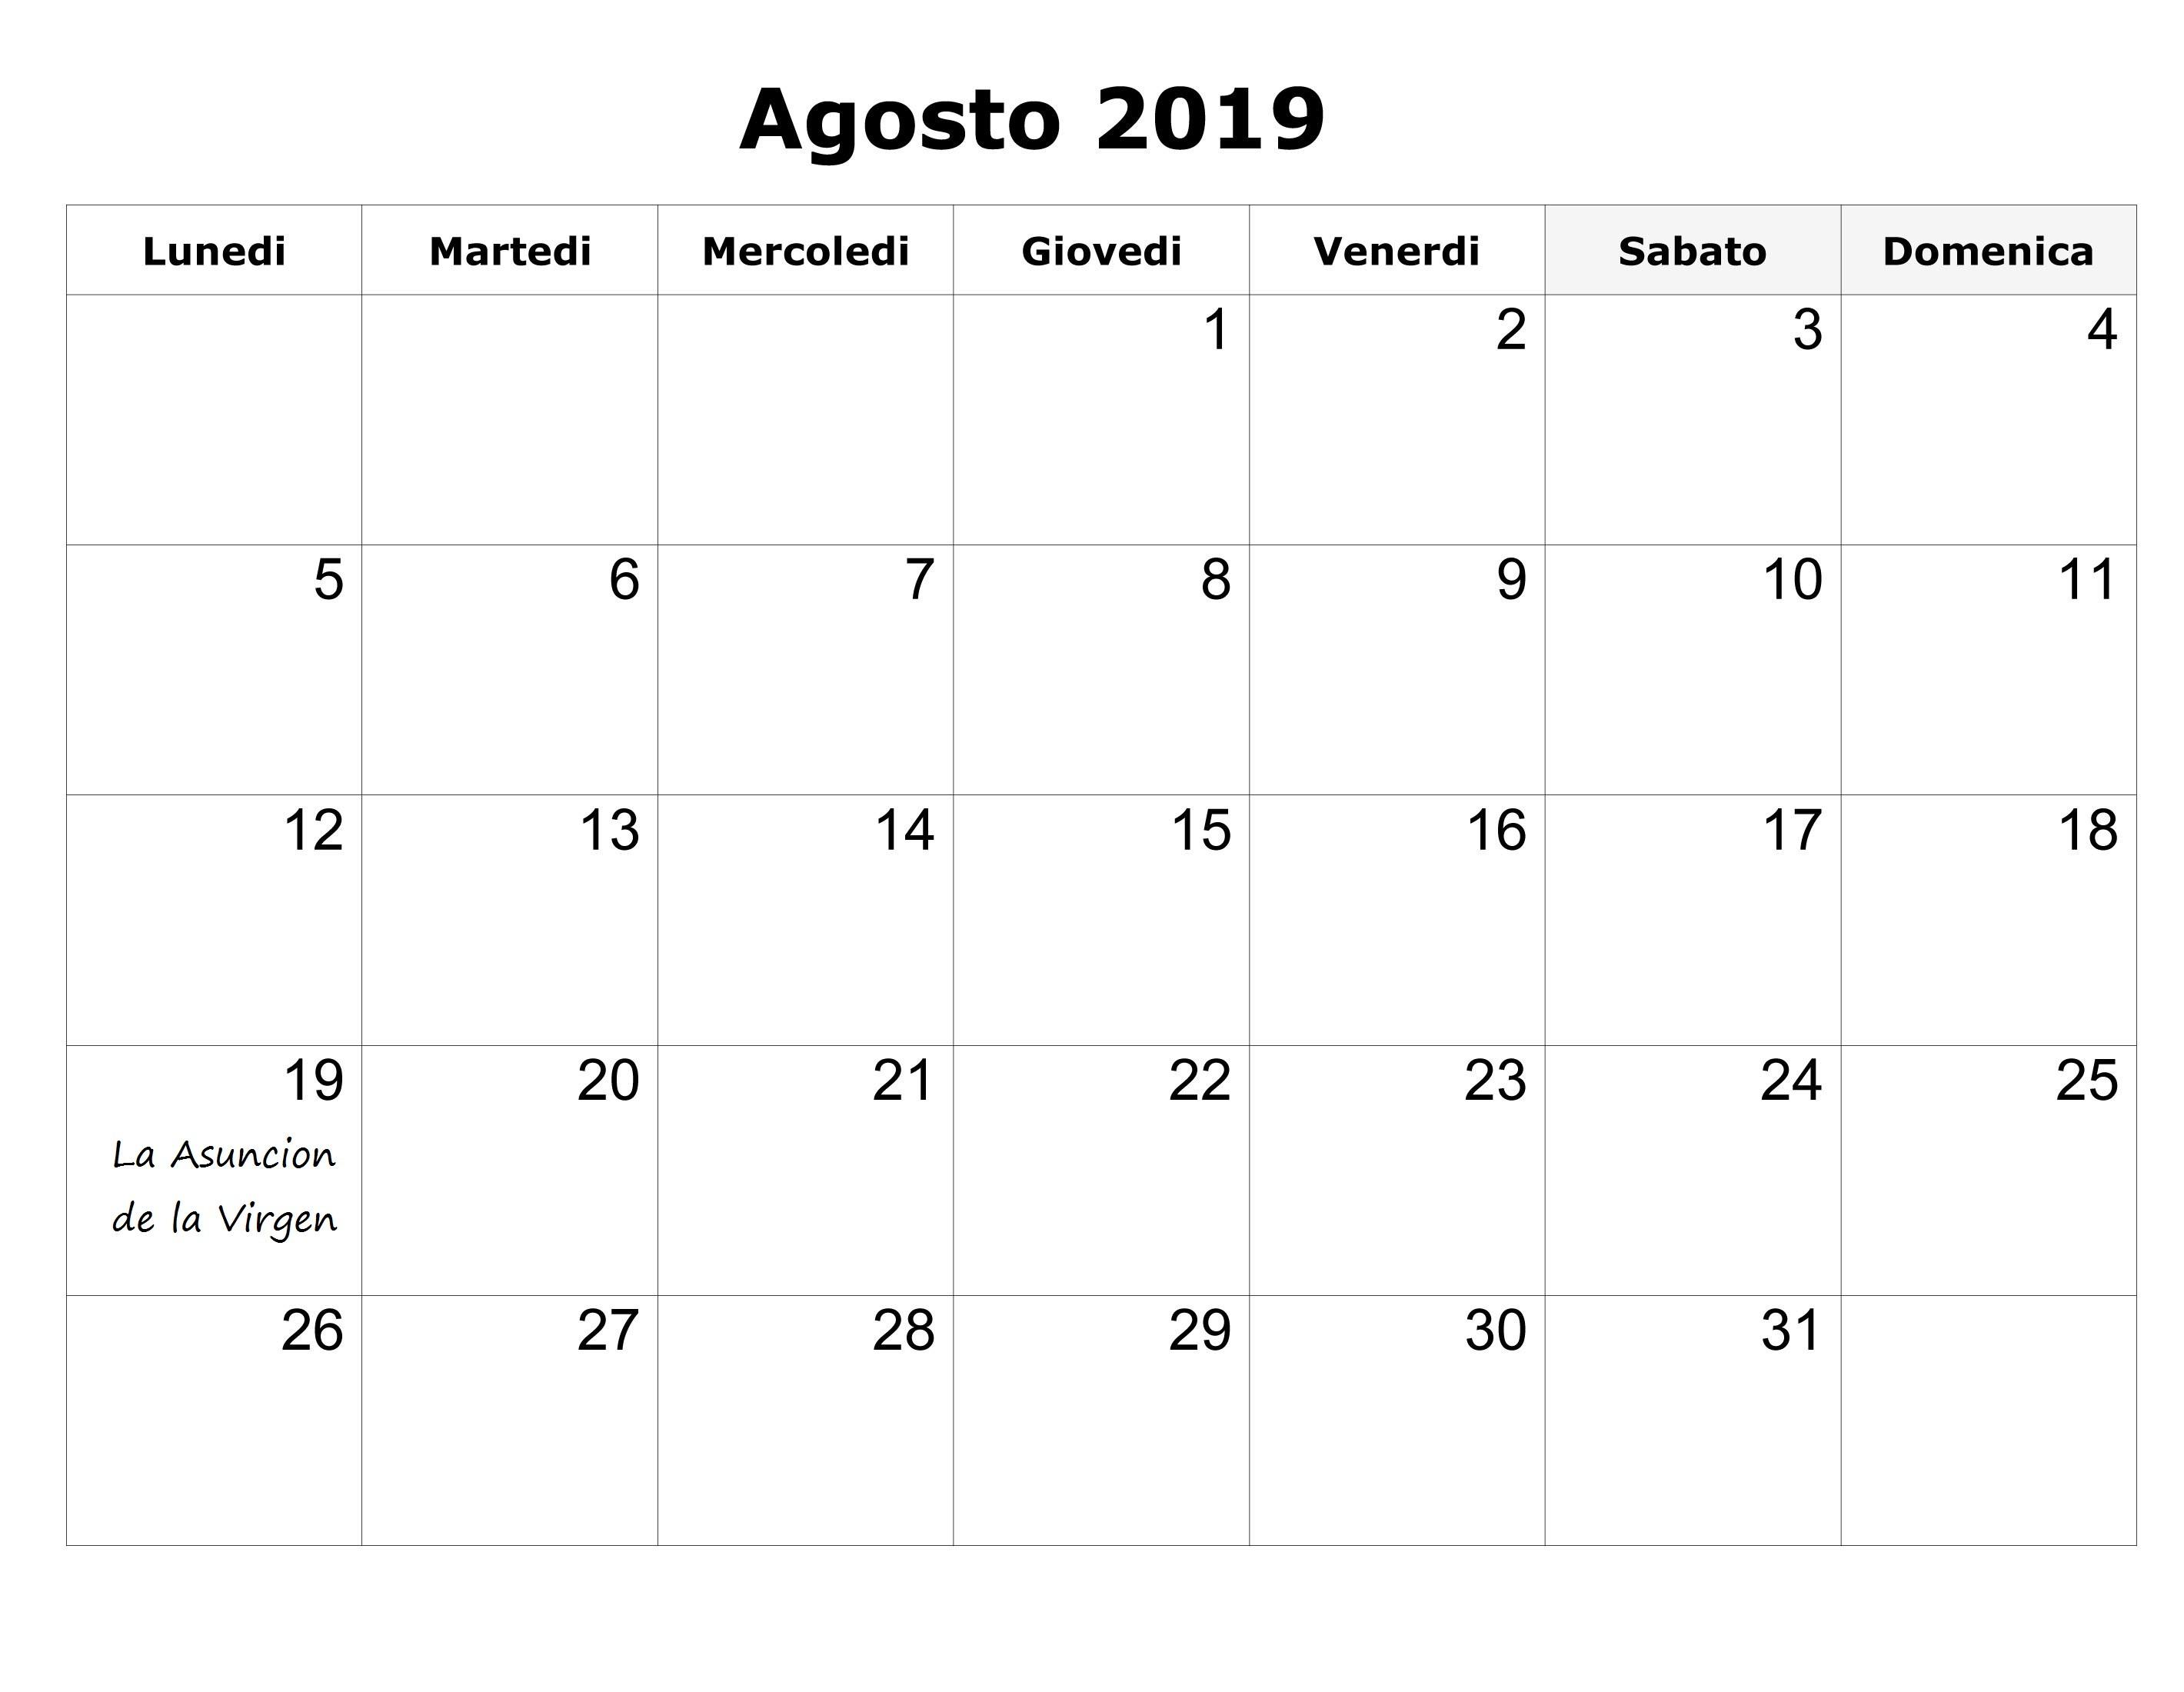 Calendario Agosto 2019 Con Festivos PDF